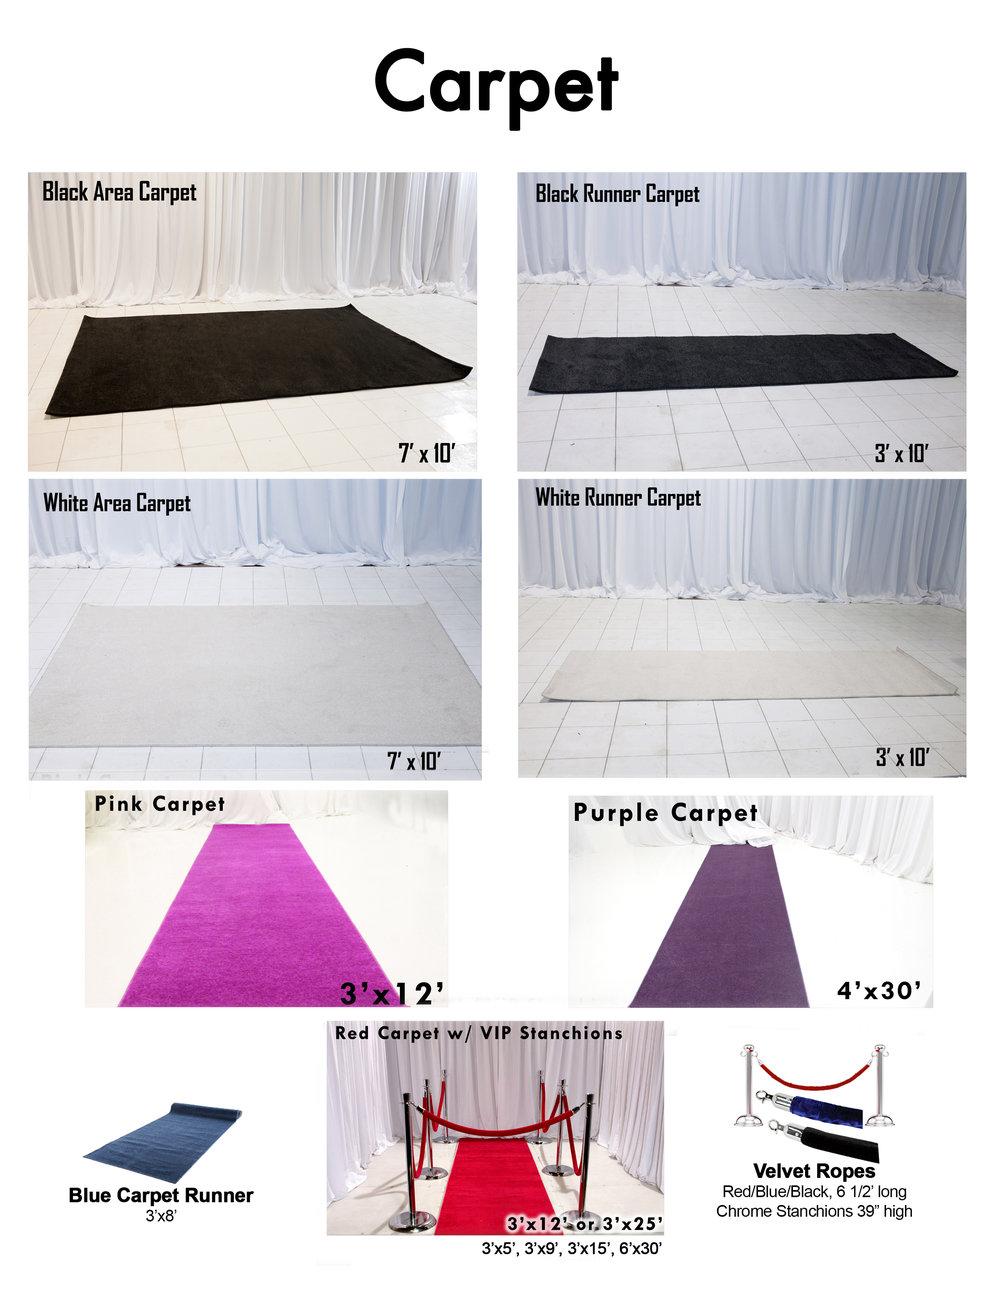 040-P39_Carpet.jpg